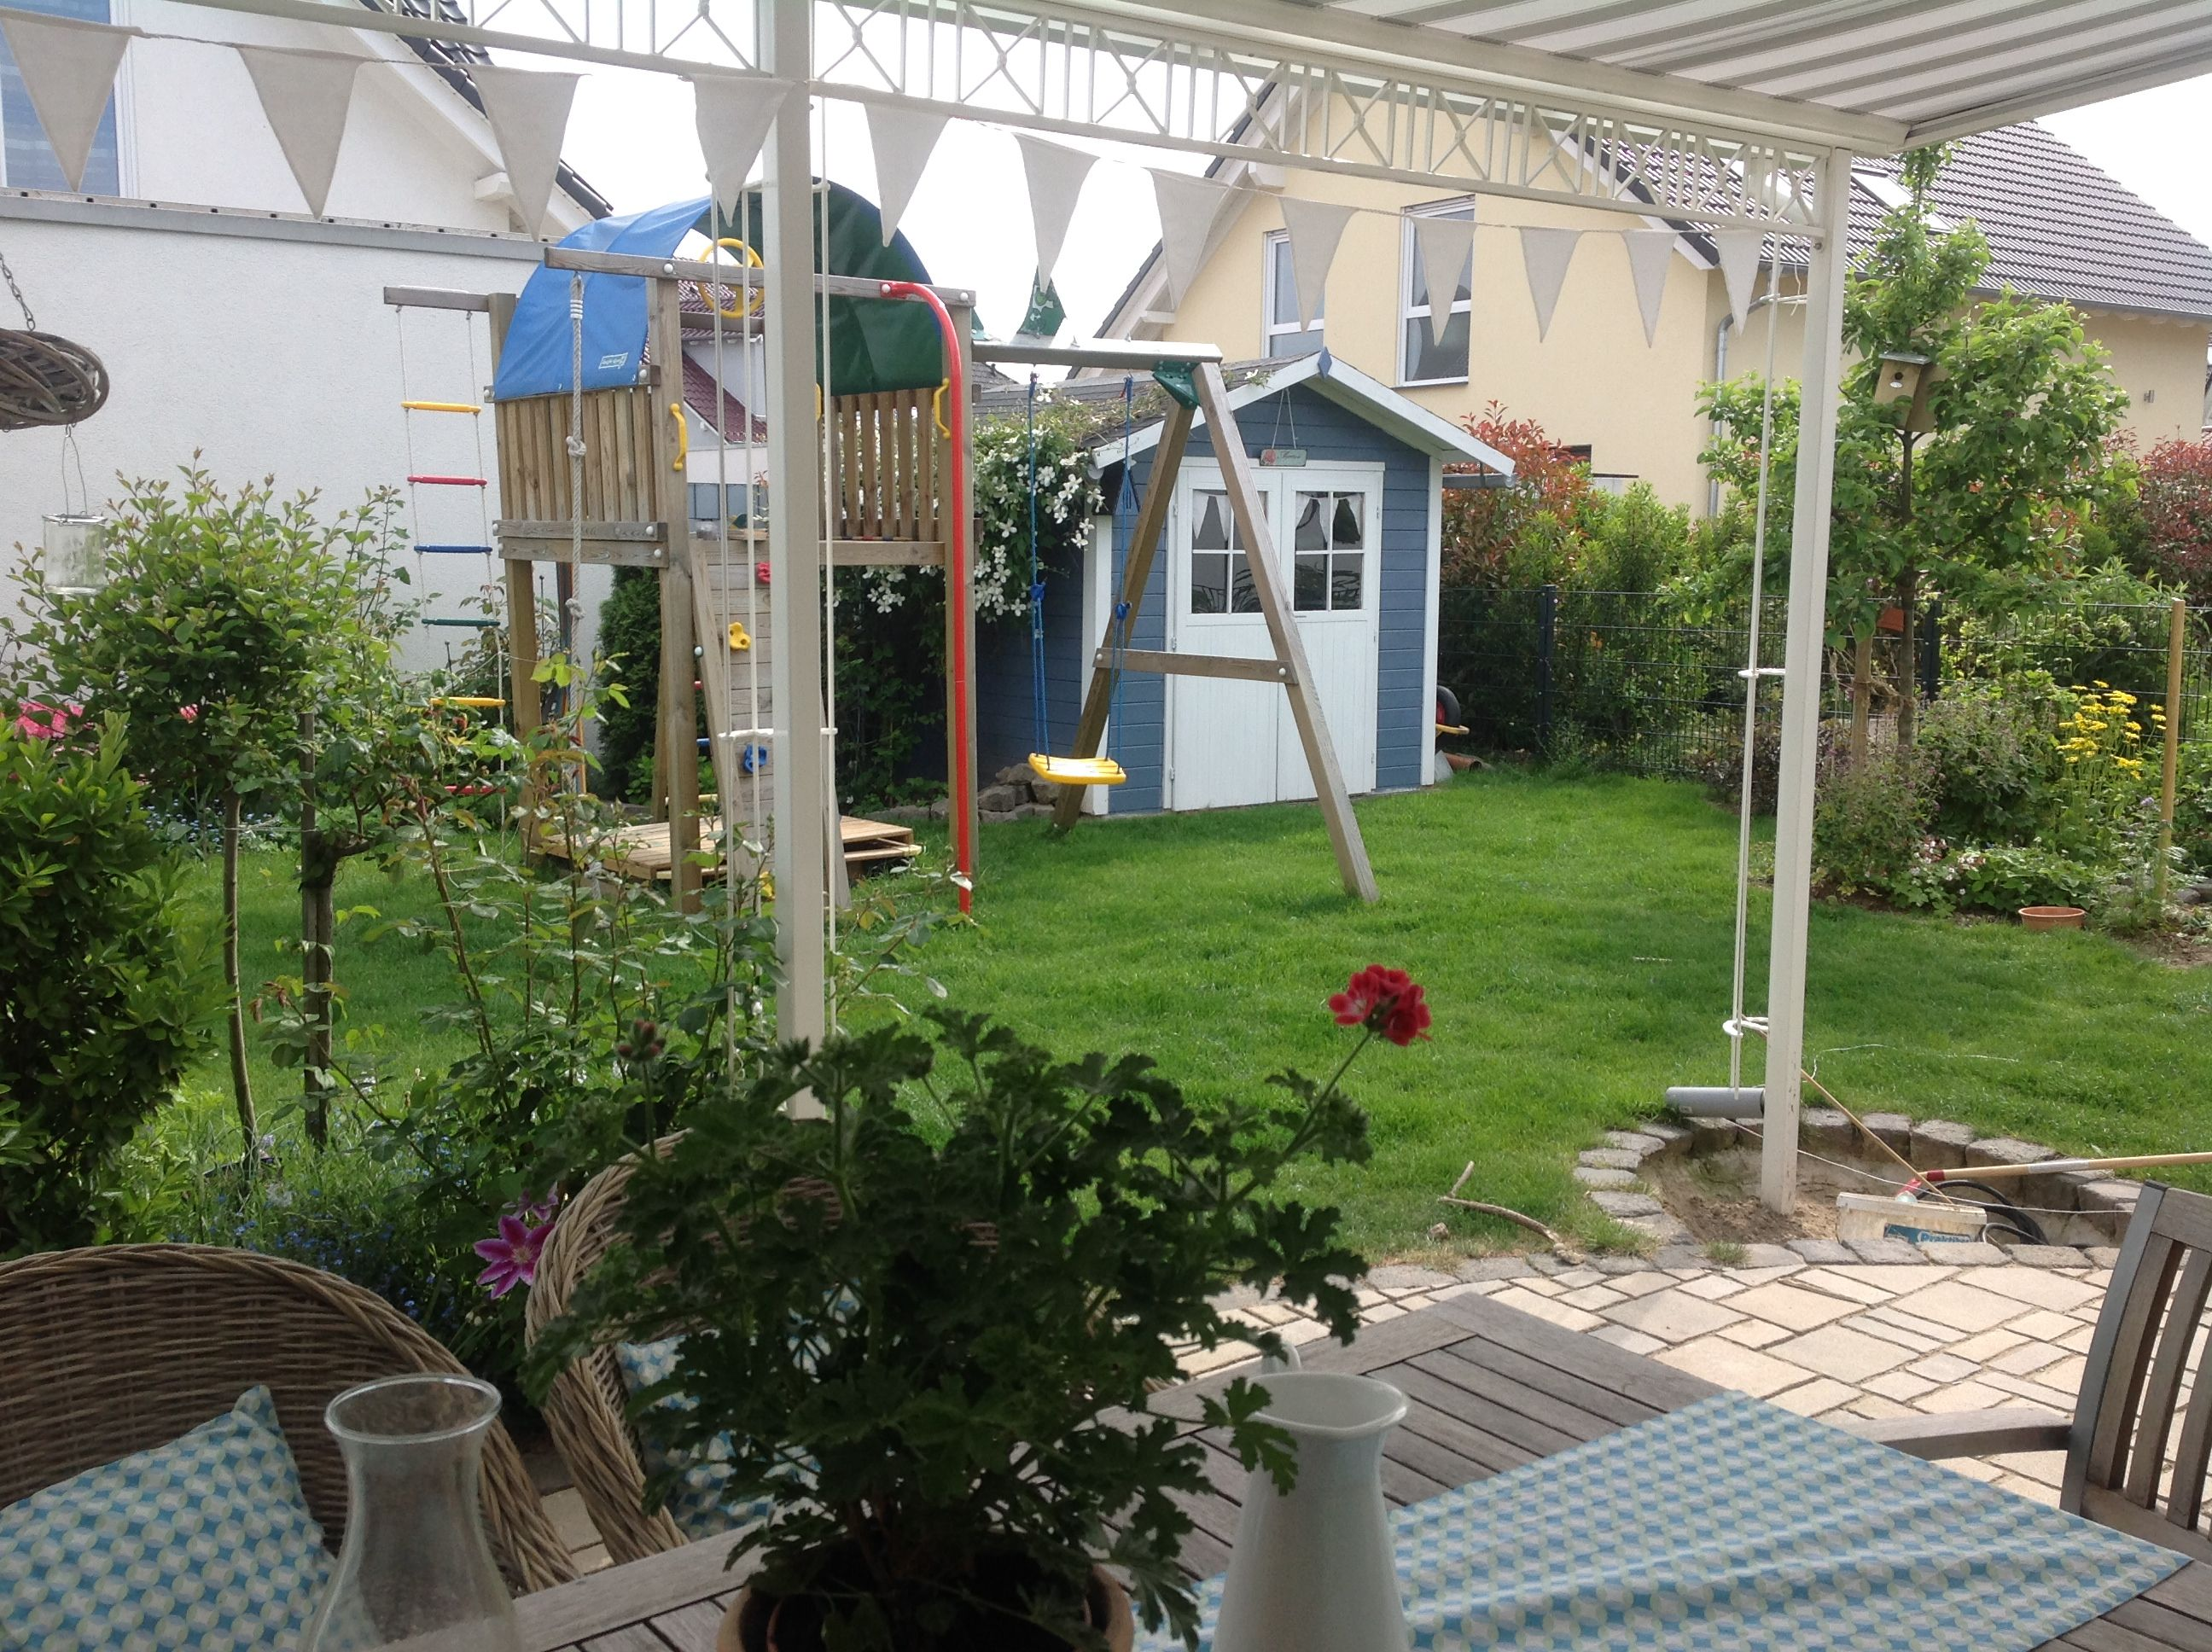 terrasse mit blick auf gartenhaus im reihenhausgarten | unser, Gartenarbeit ideen